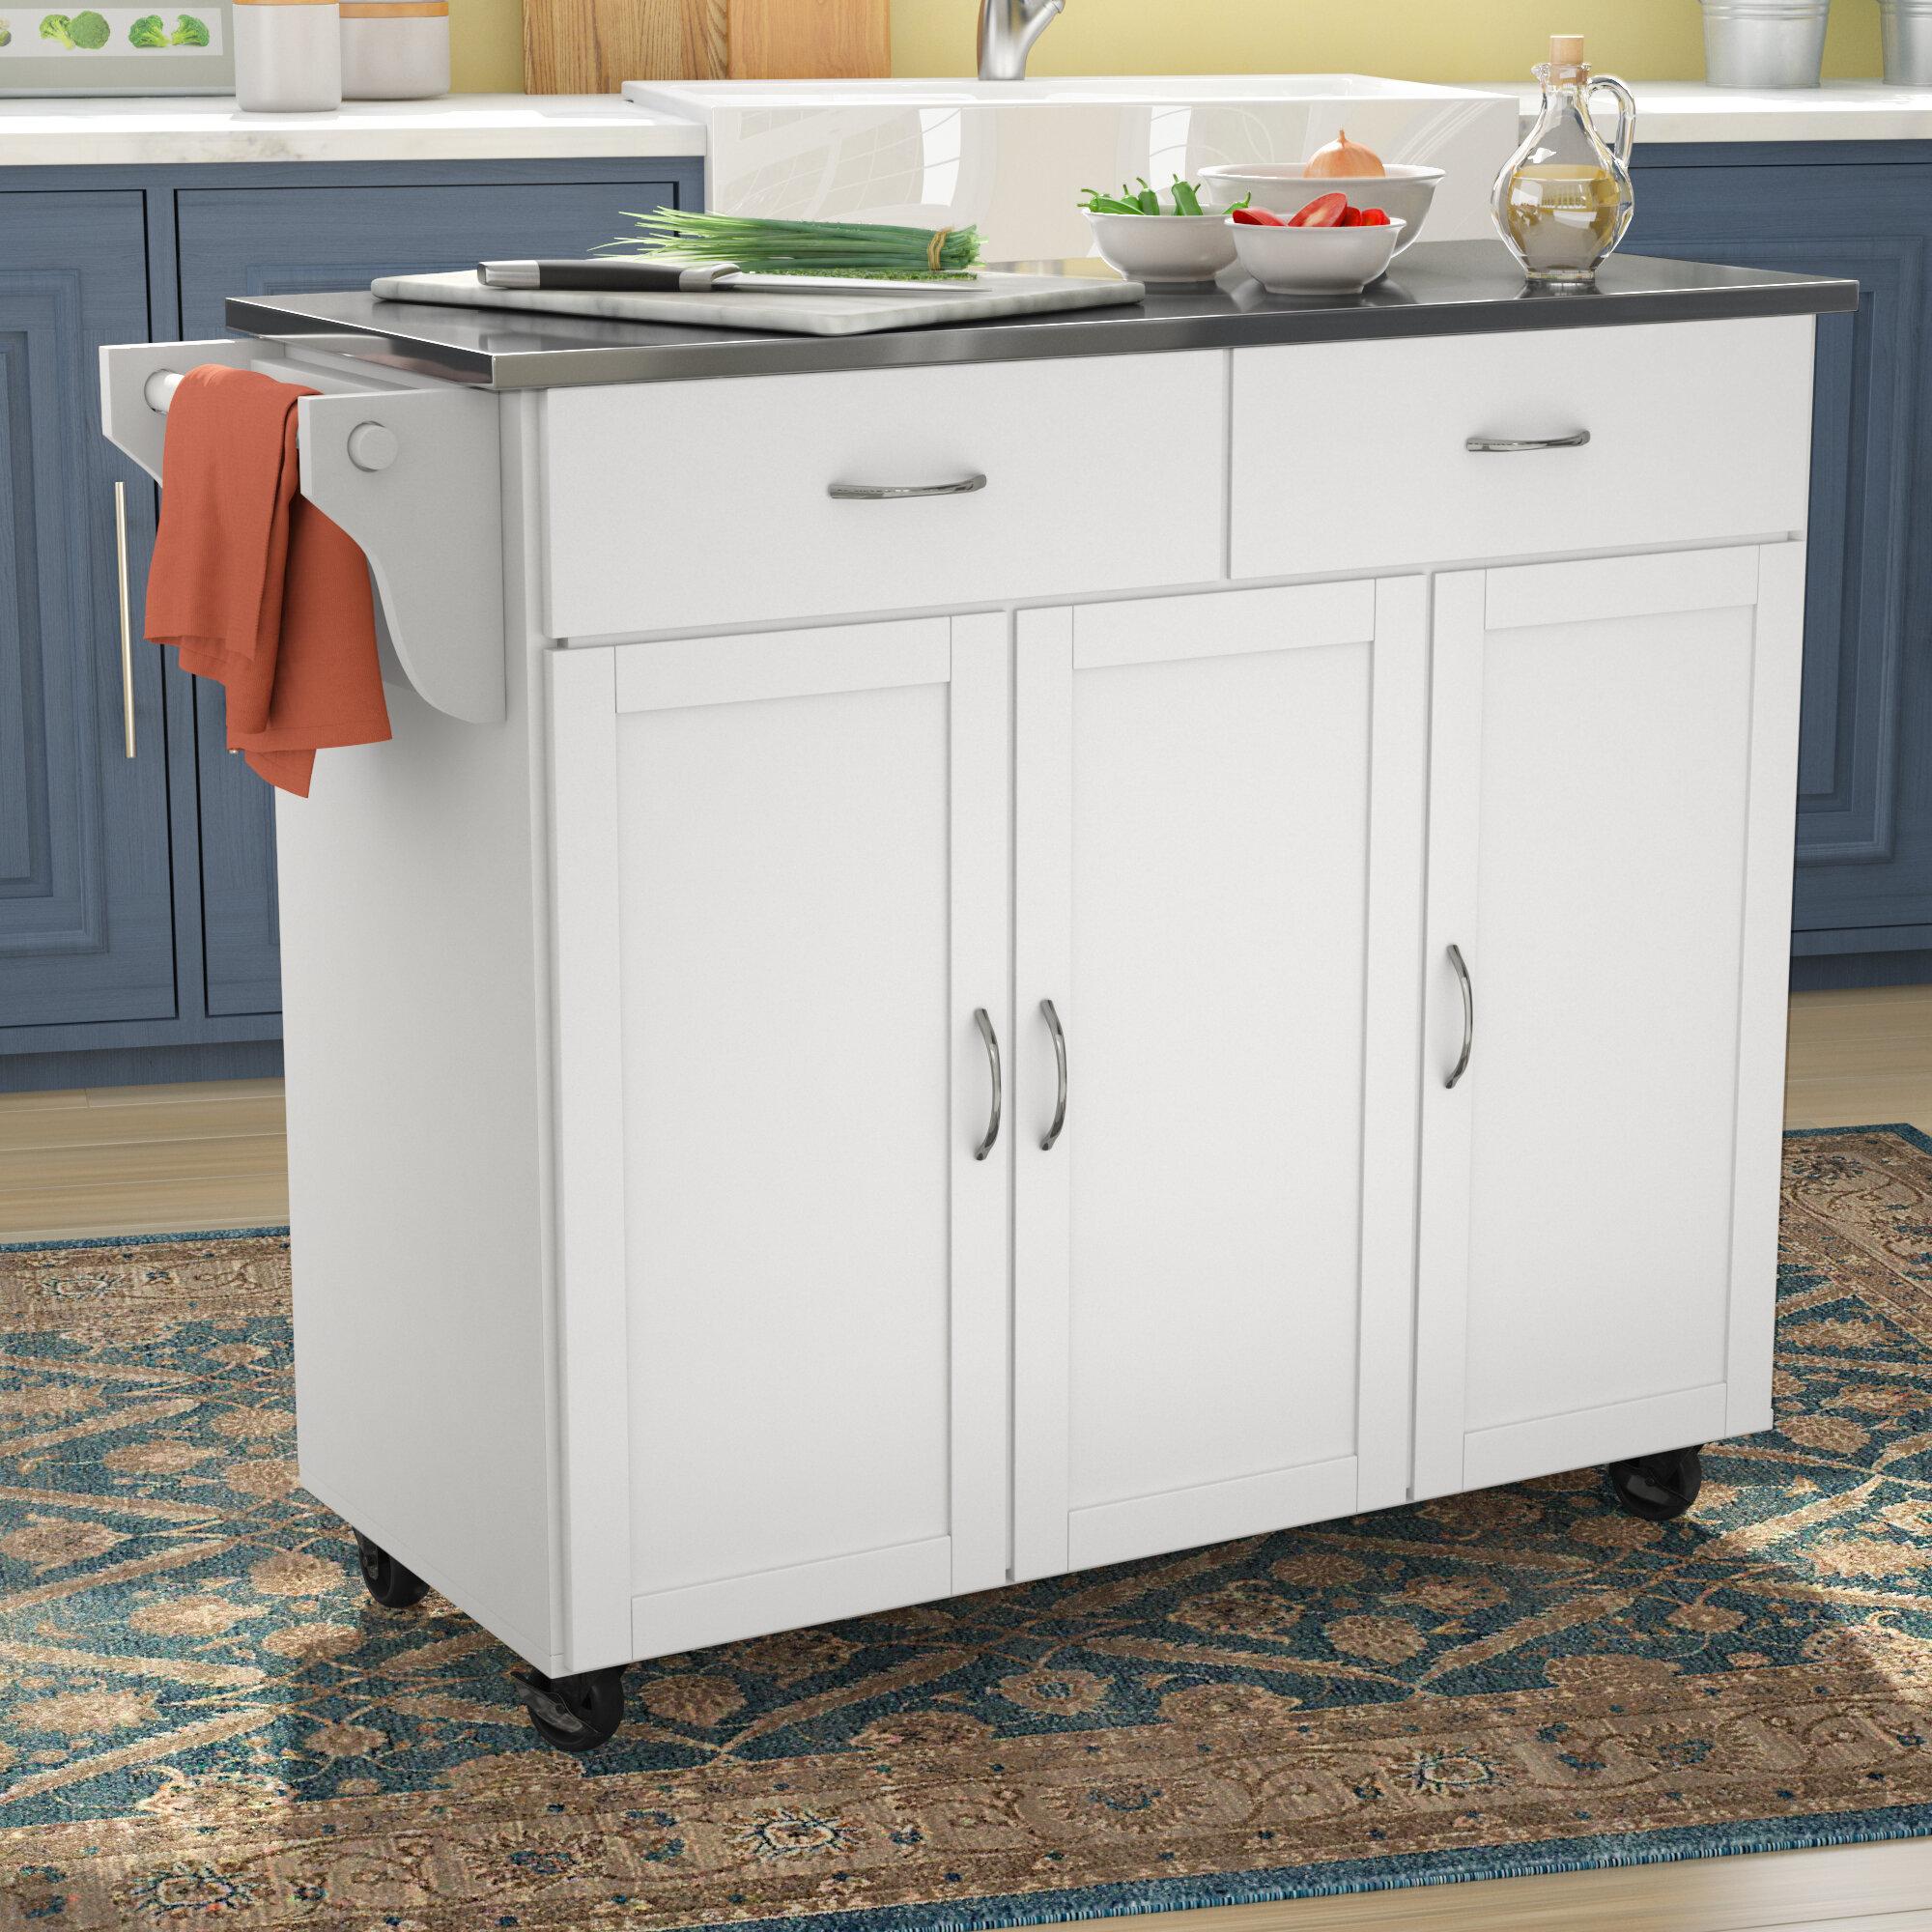 Garrettsville Kitchen Cart with Stainless Steel Top